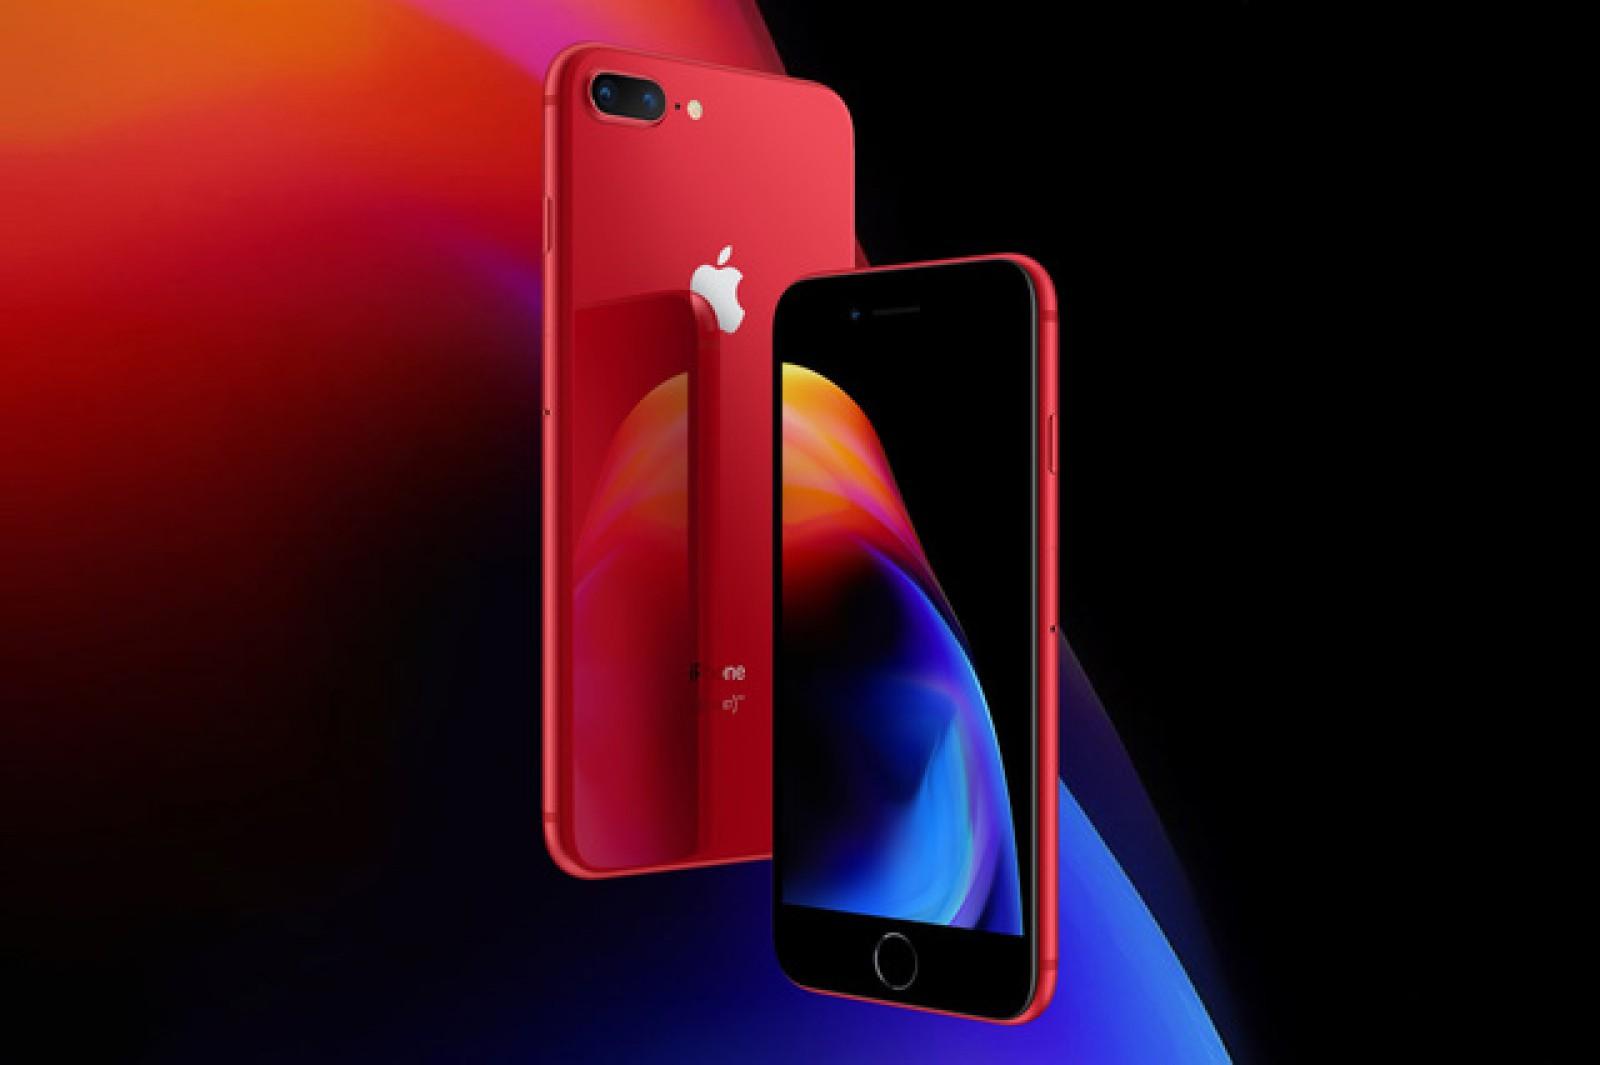 Cât costă fabricarea unui telefon iPhone 9 şi care este preţul final din magazin